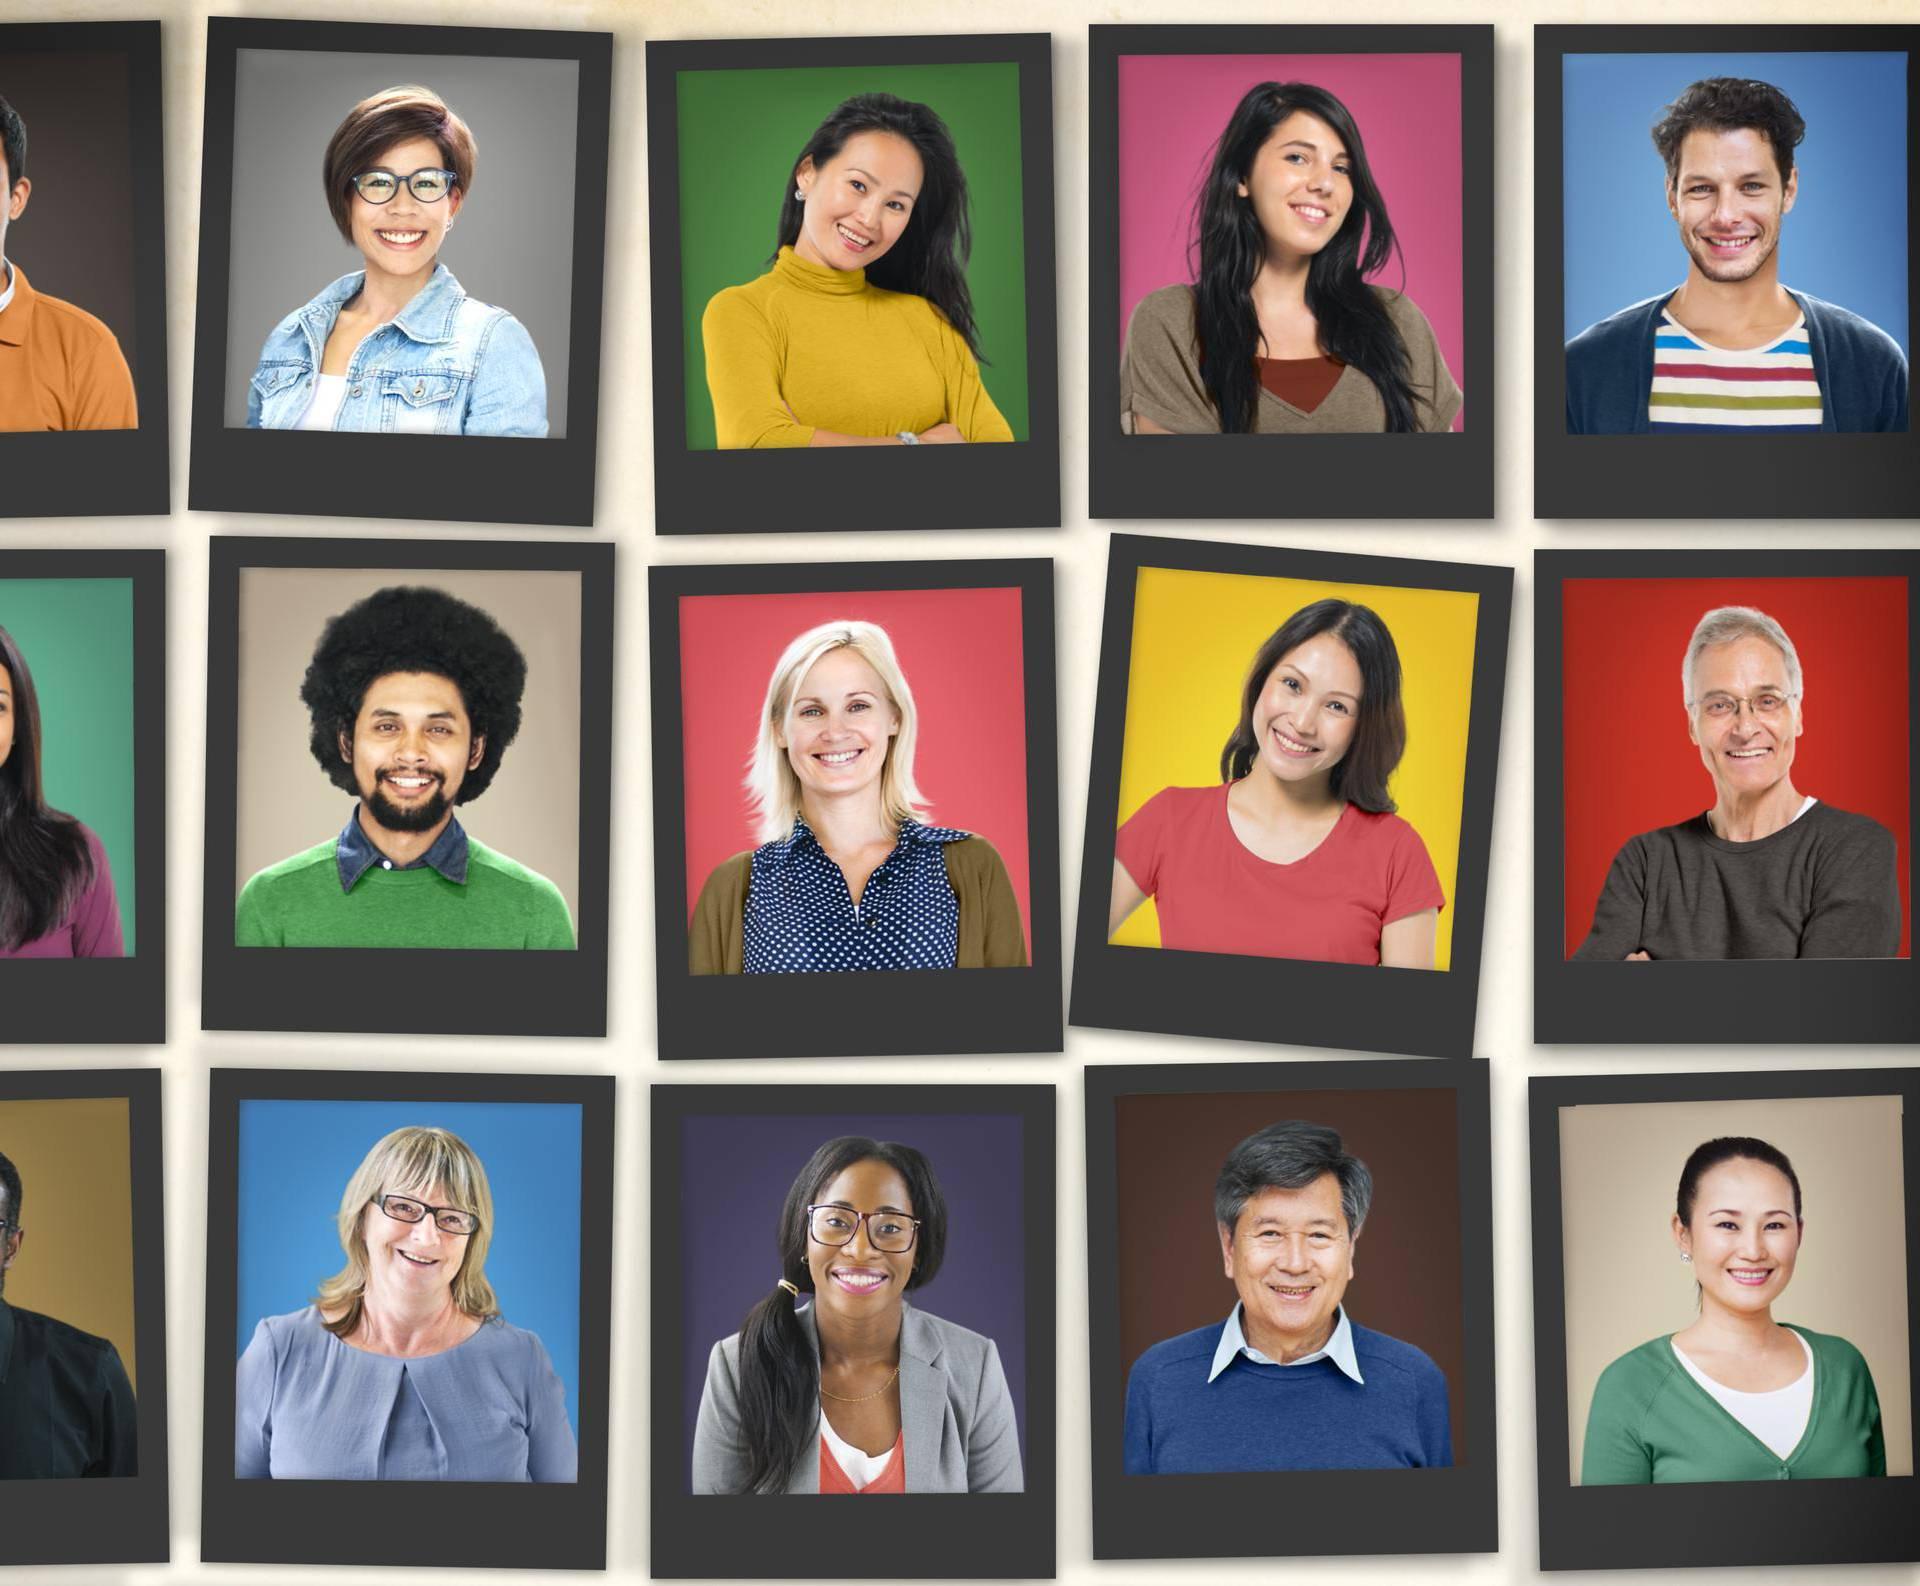 Lice otkriva karakter: Vjerujete li ljudima s upalim obrazima?